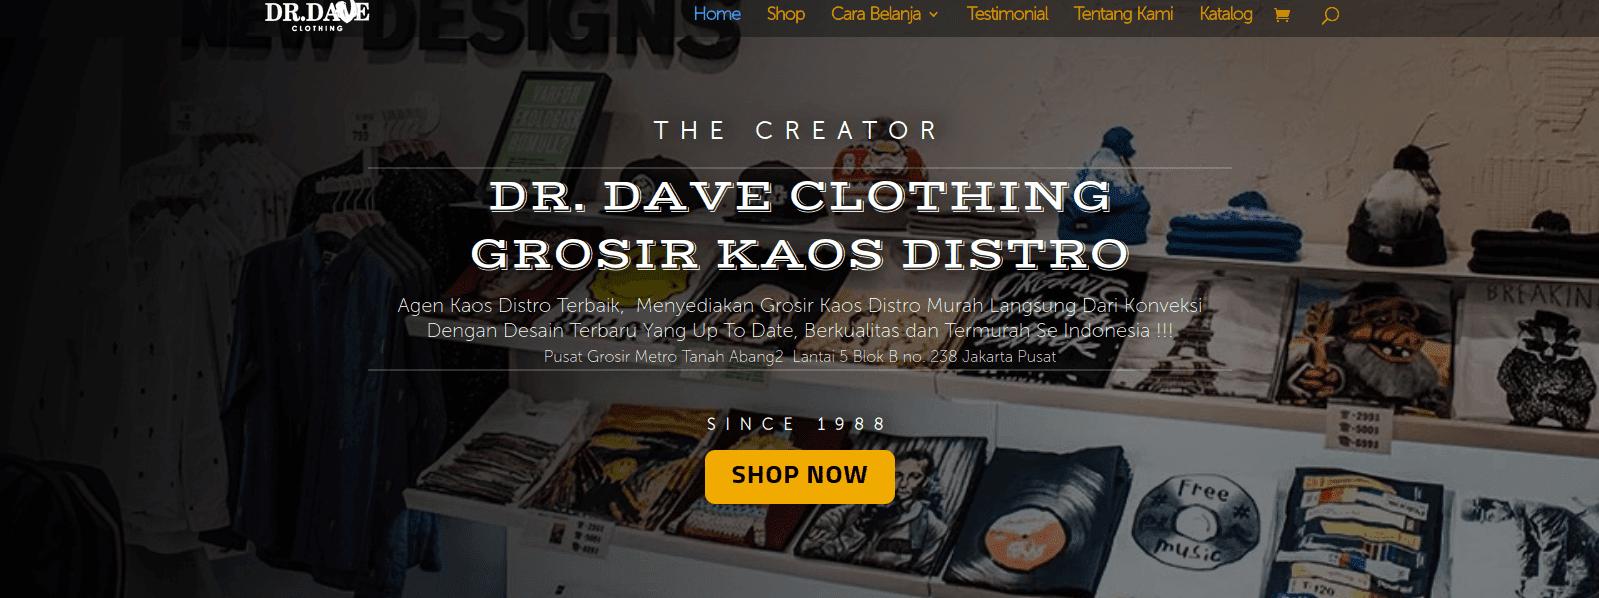 Cara mendapatkan uang dengan membuka toko online di bidang fashion.